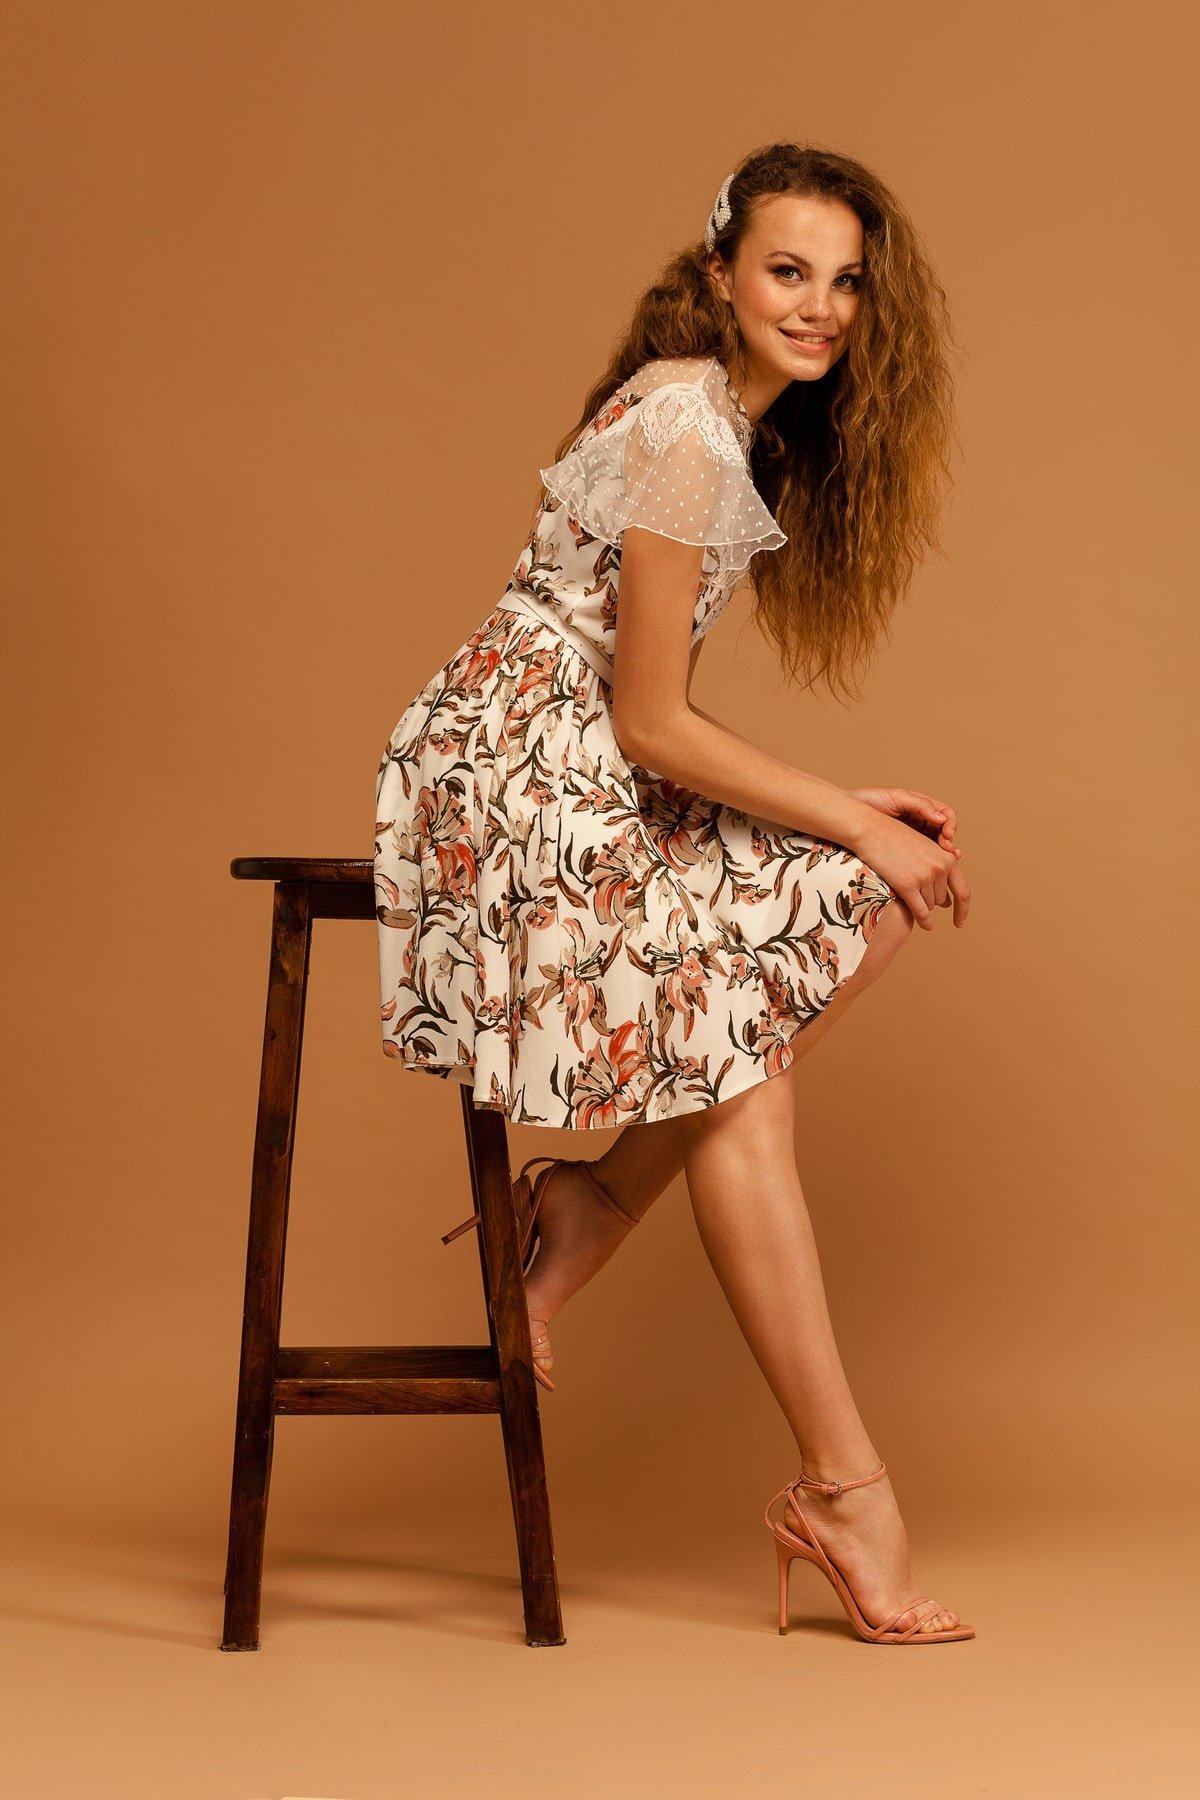 Легкое Платье Ламара 7221 АРТ. 42784 Цвет: Лилии коралл/молоко - фото 4, интернет магазин tm-modus.ru